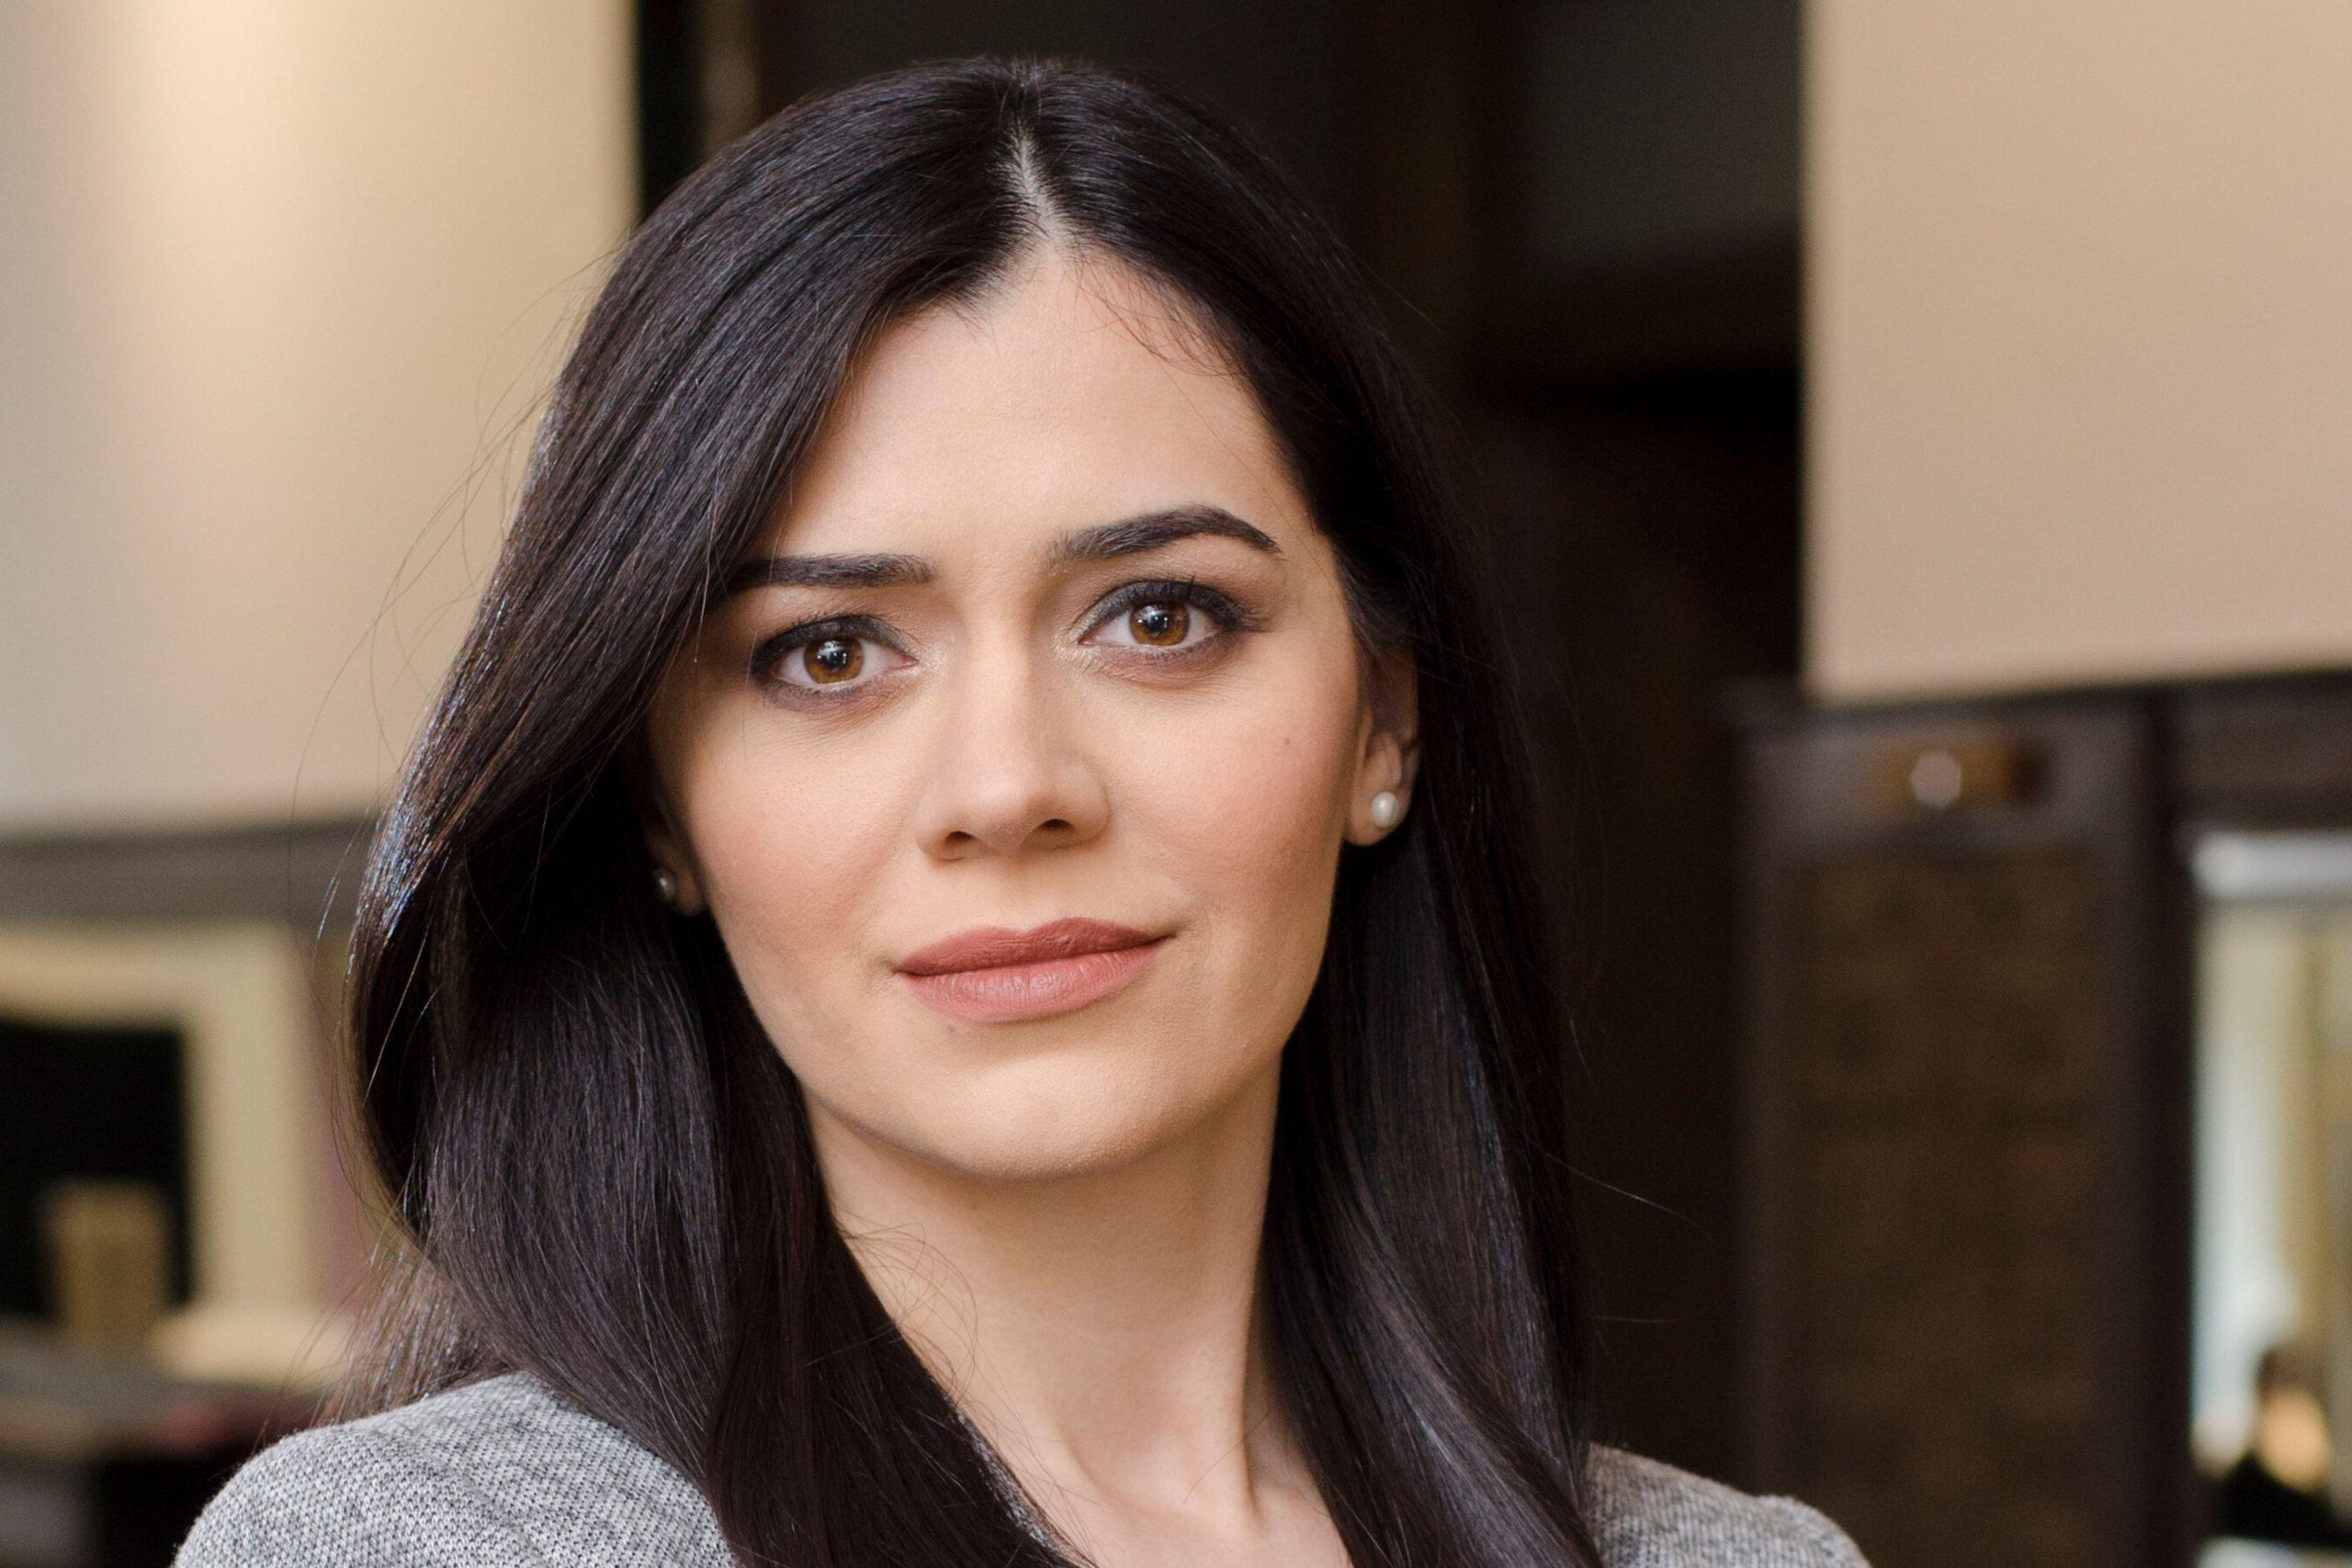 Ana Chira